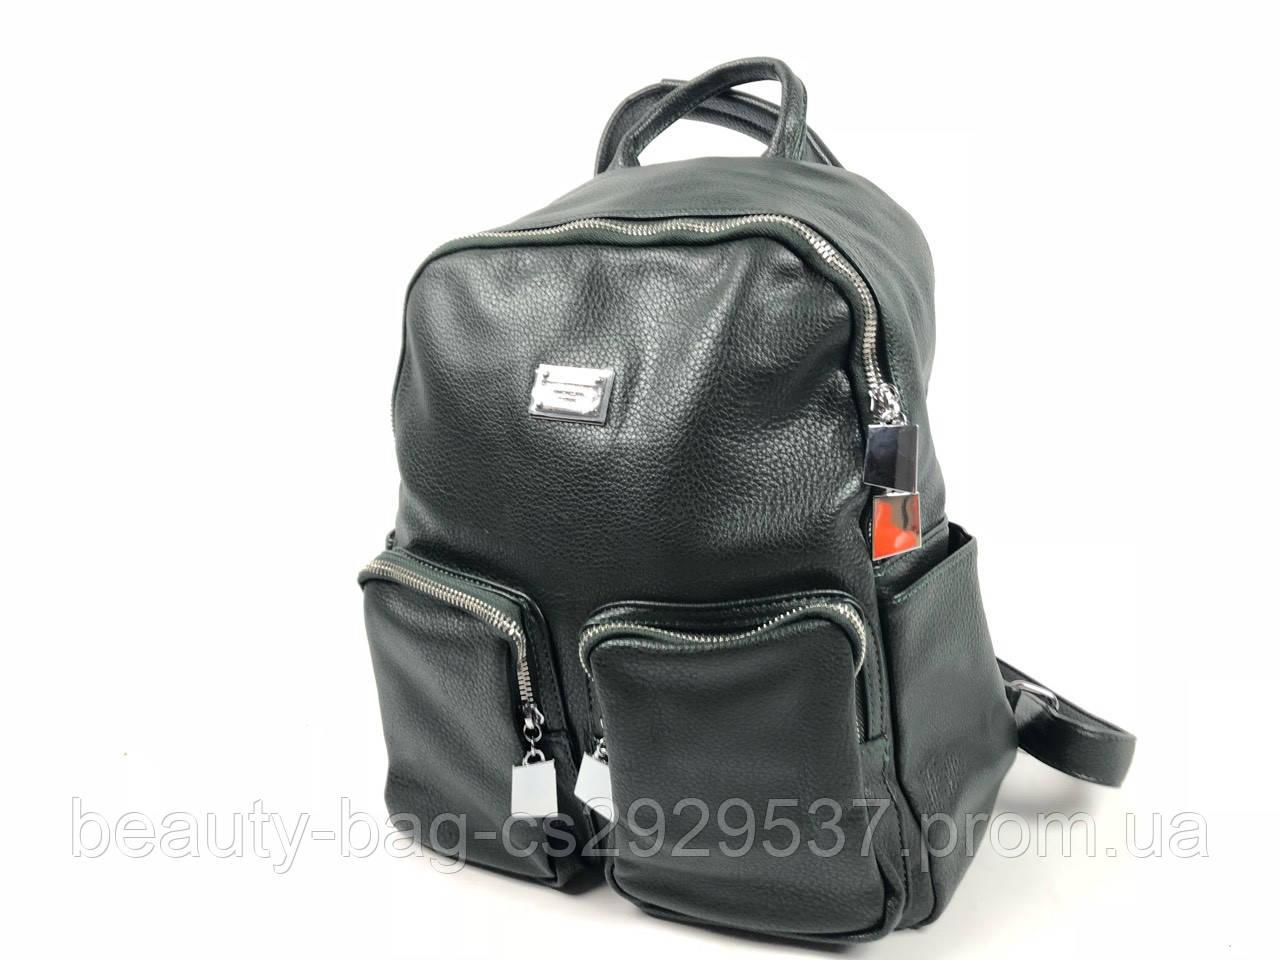 Рюкзак молодежный 881238 зеленый